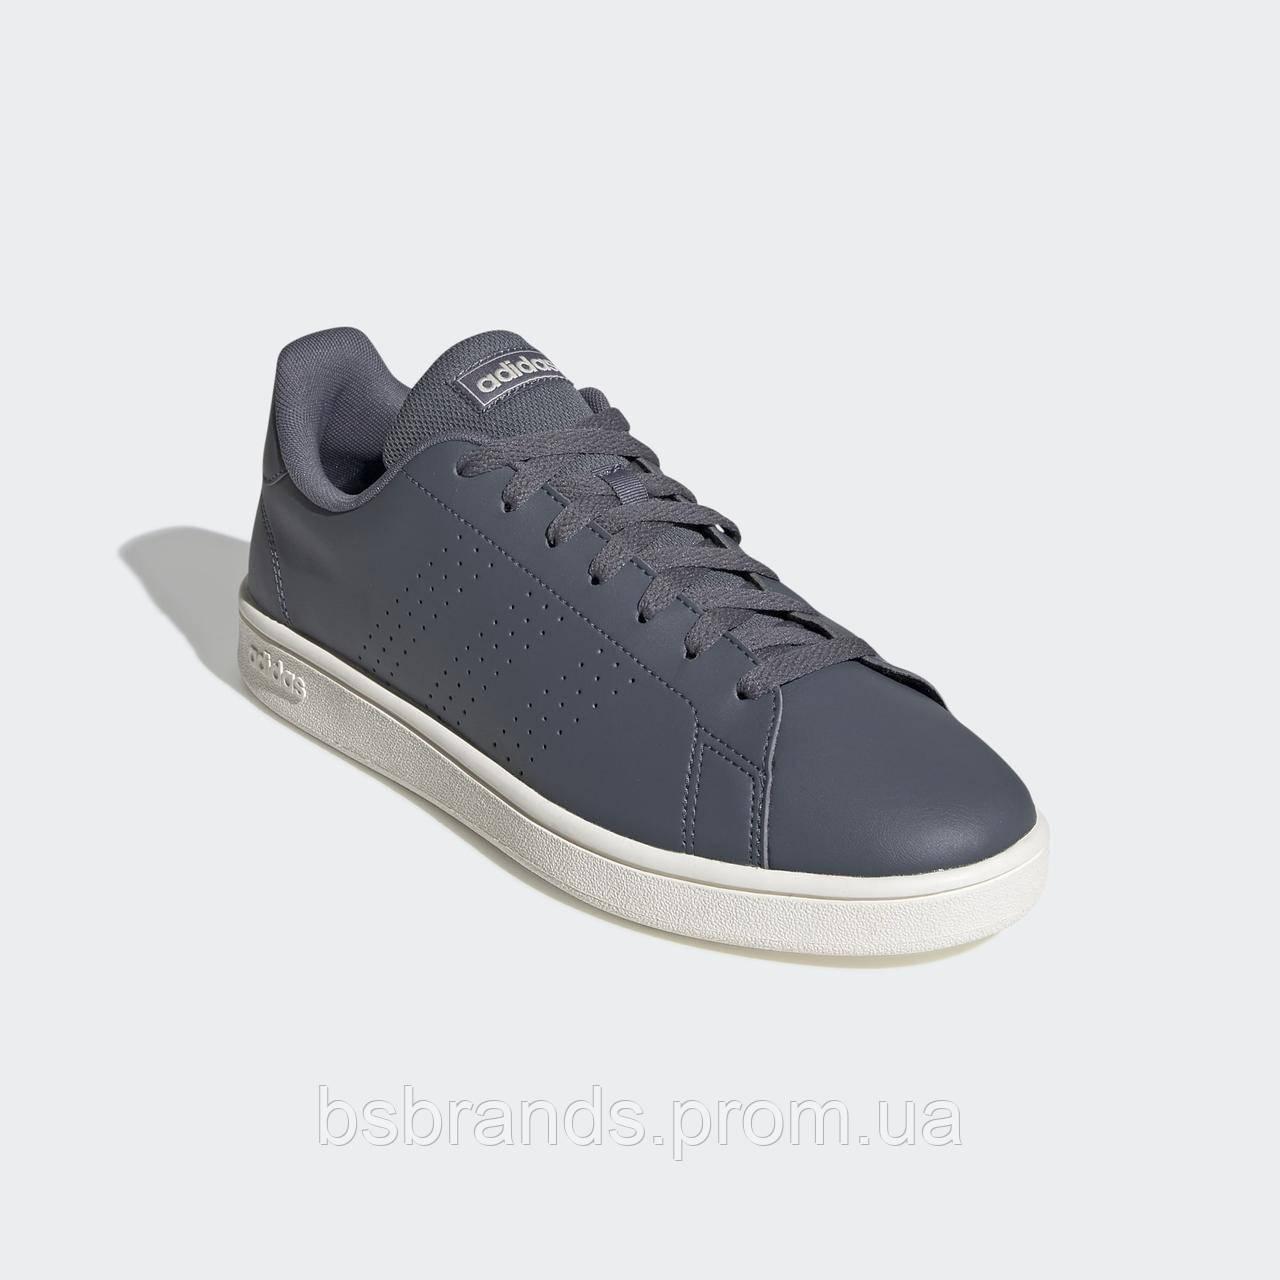 Мужские кроссовки adidas Advantage Base EE7696